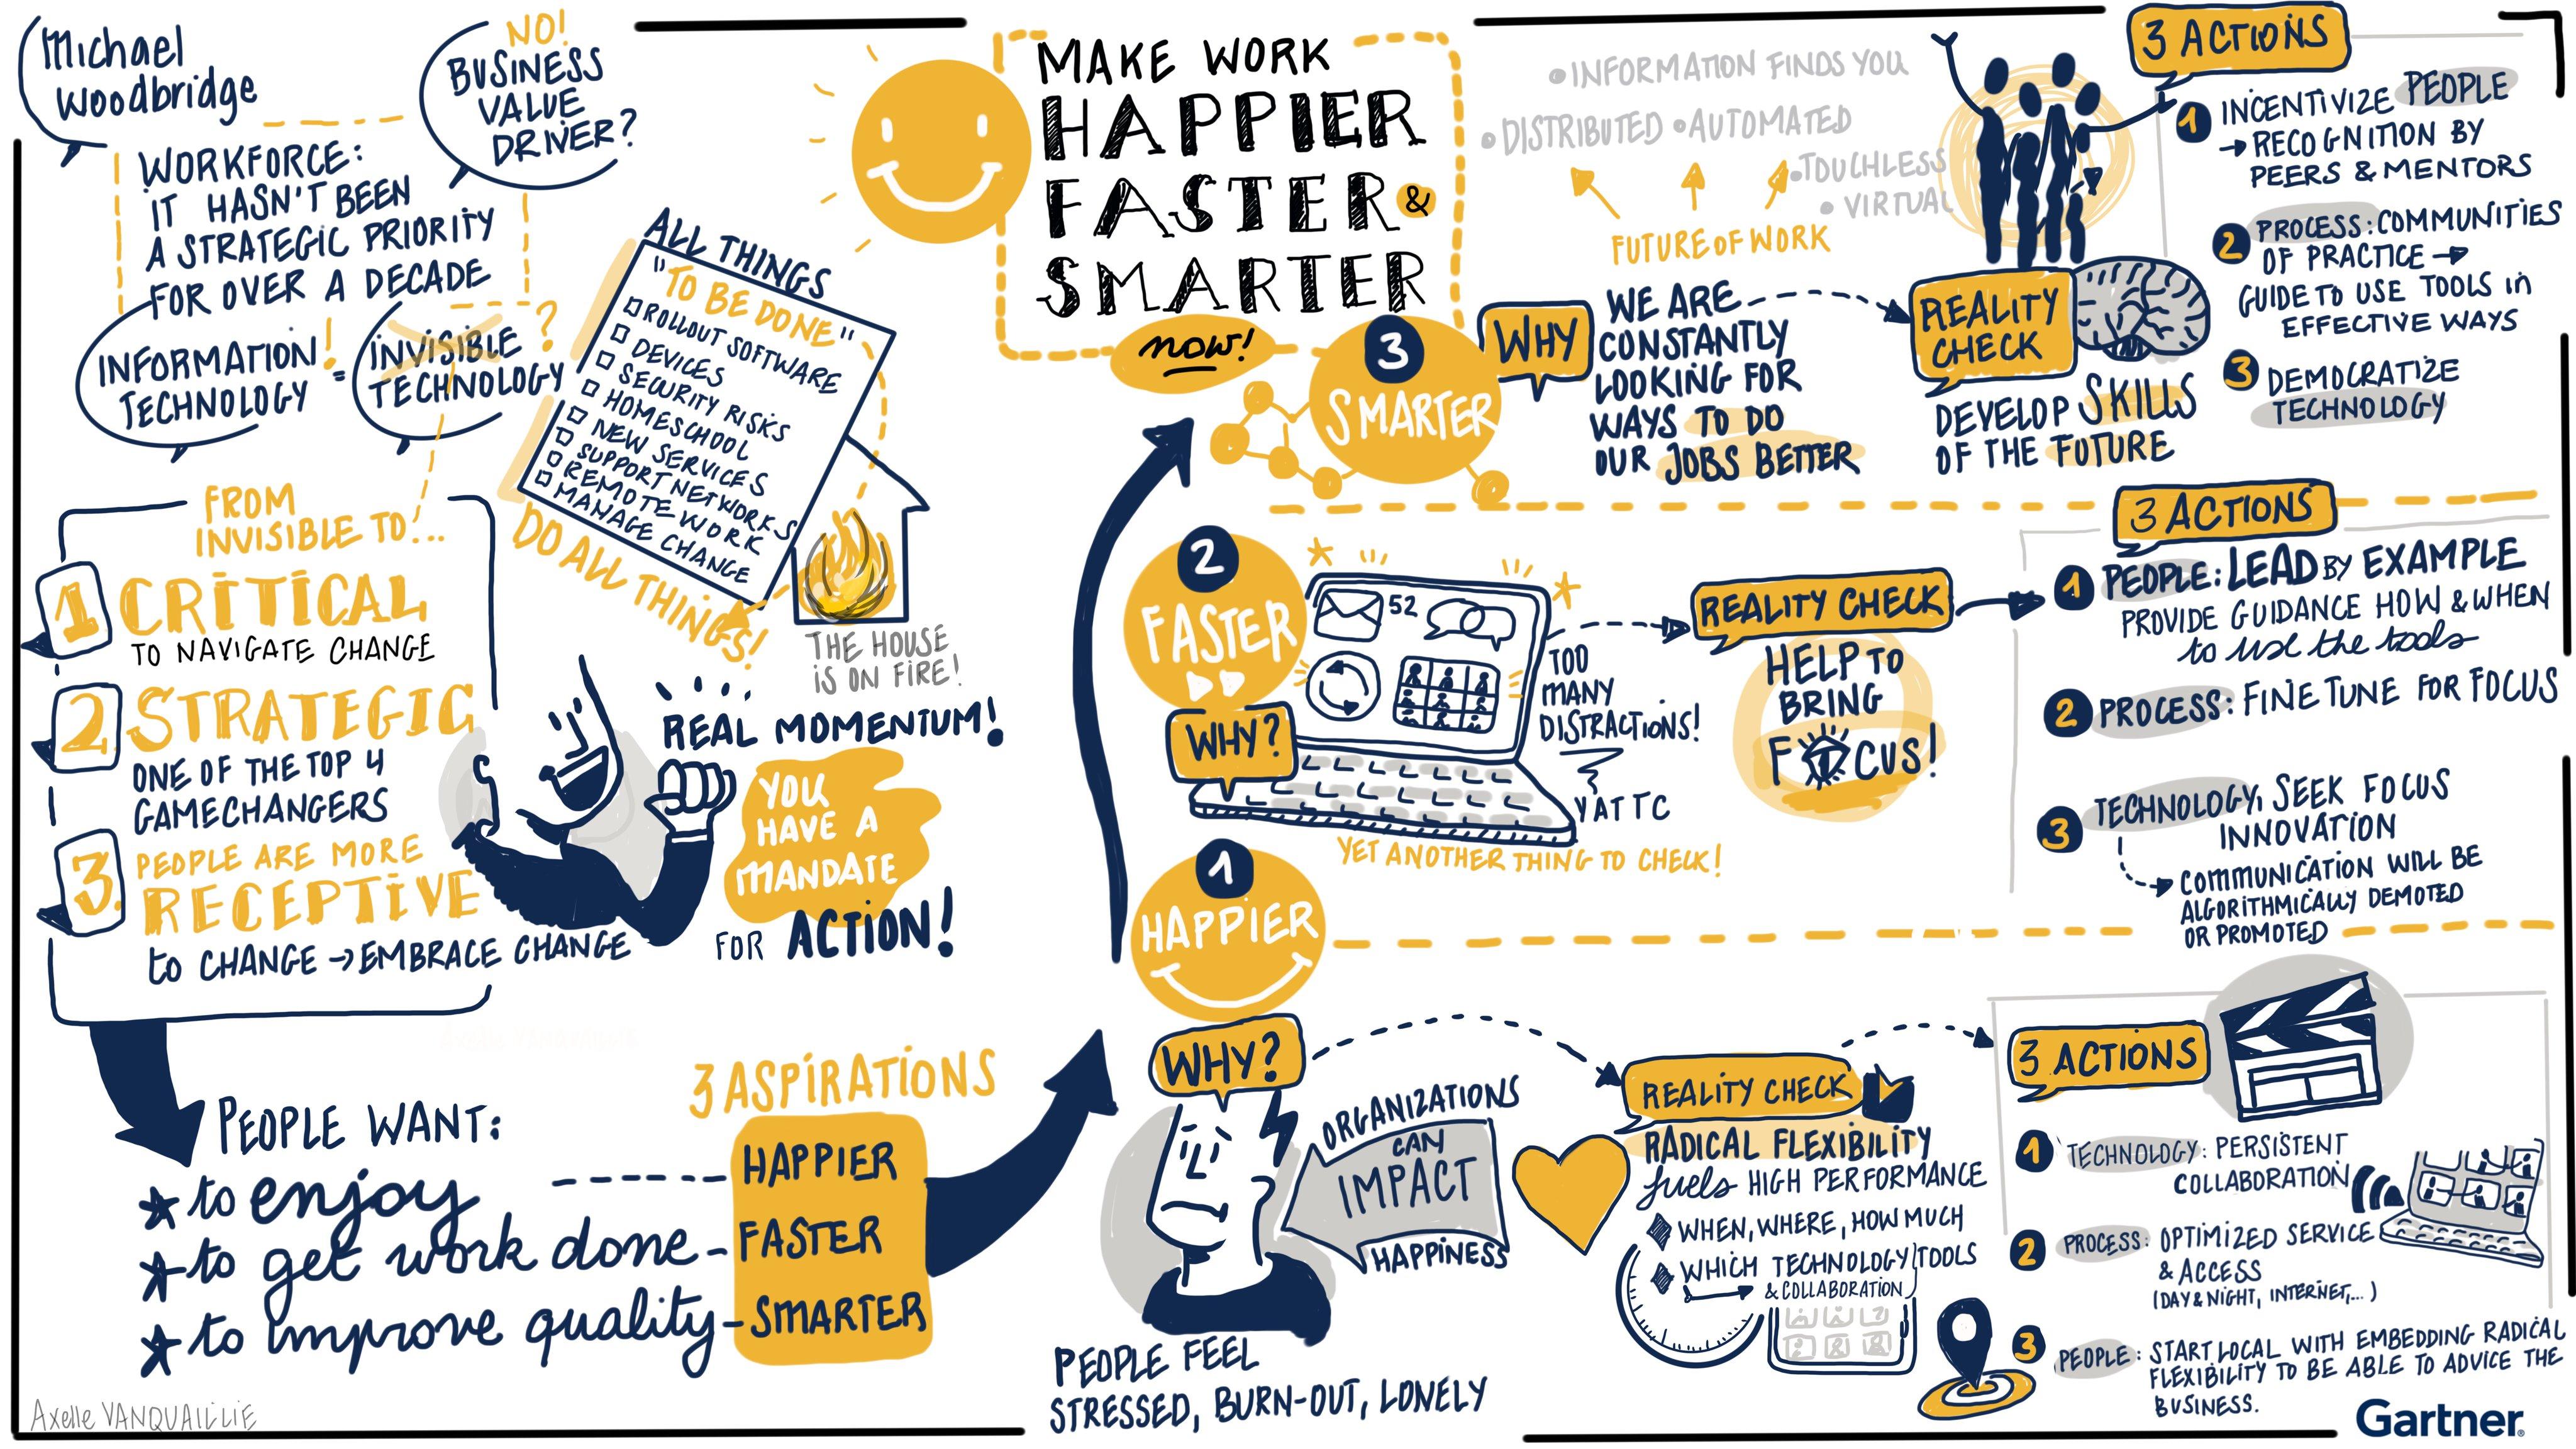 Figure 1: Make Work Happier, Faster, Smarter